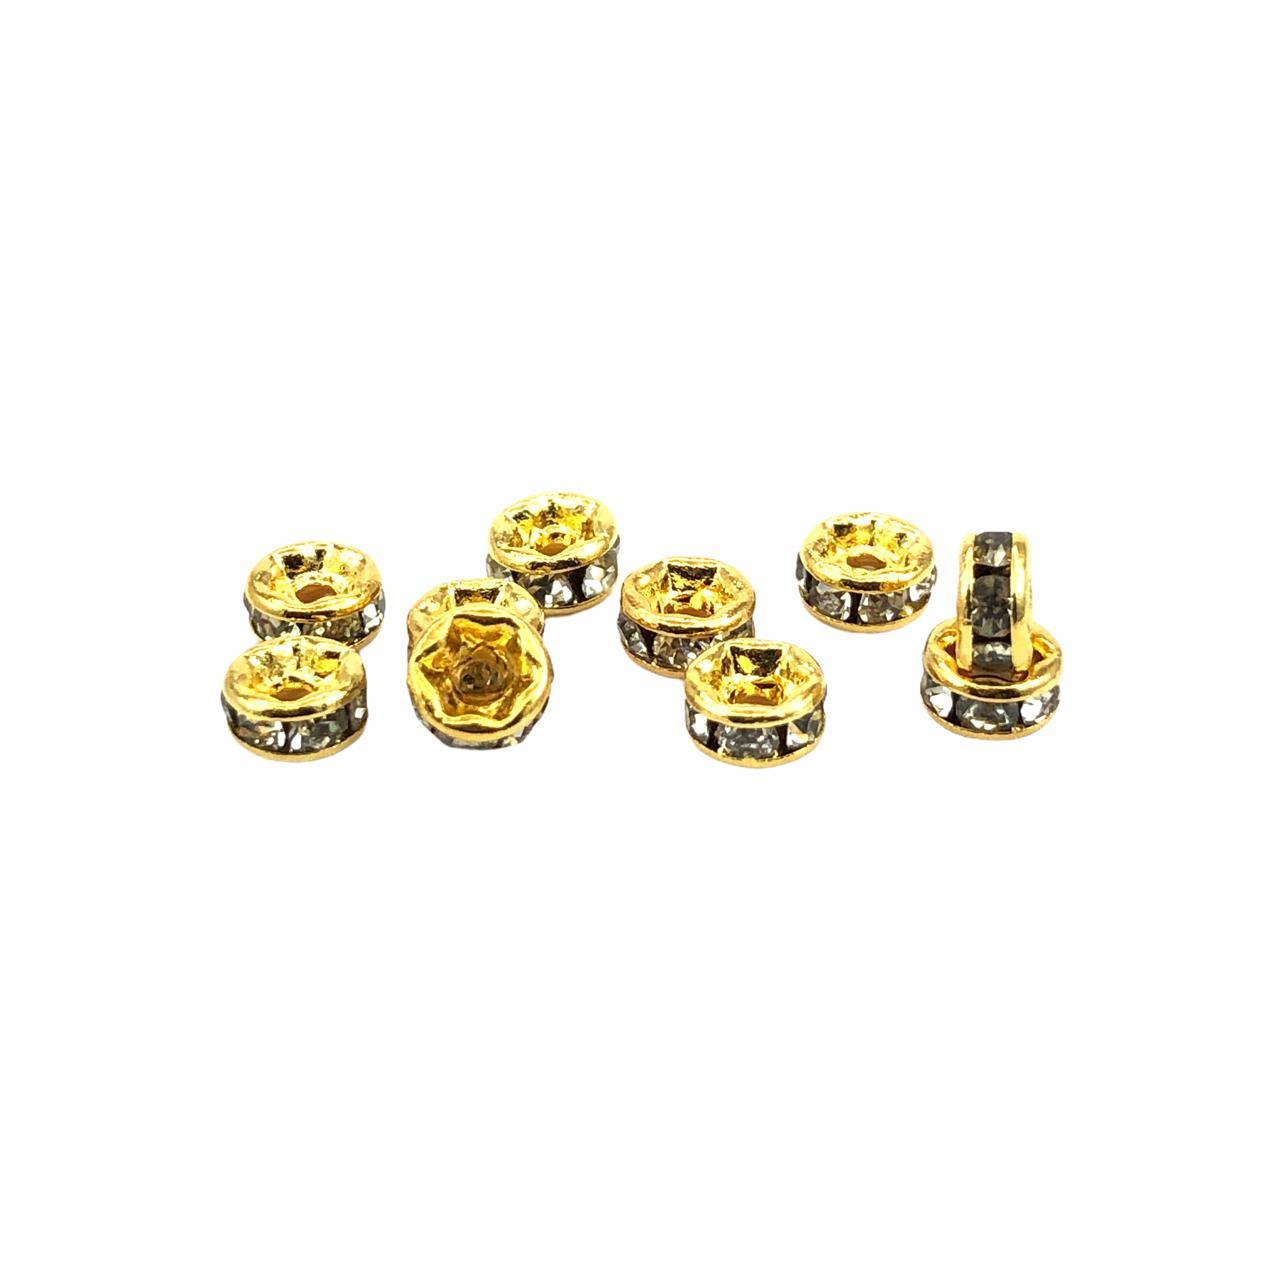 RD17 - Rondelle Redondo Cristal Banhado Cor Dourado 4mm - 10Unids